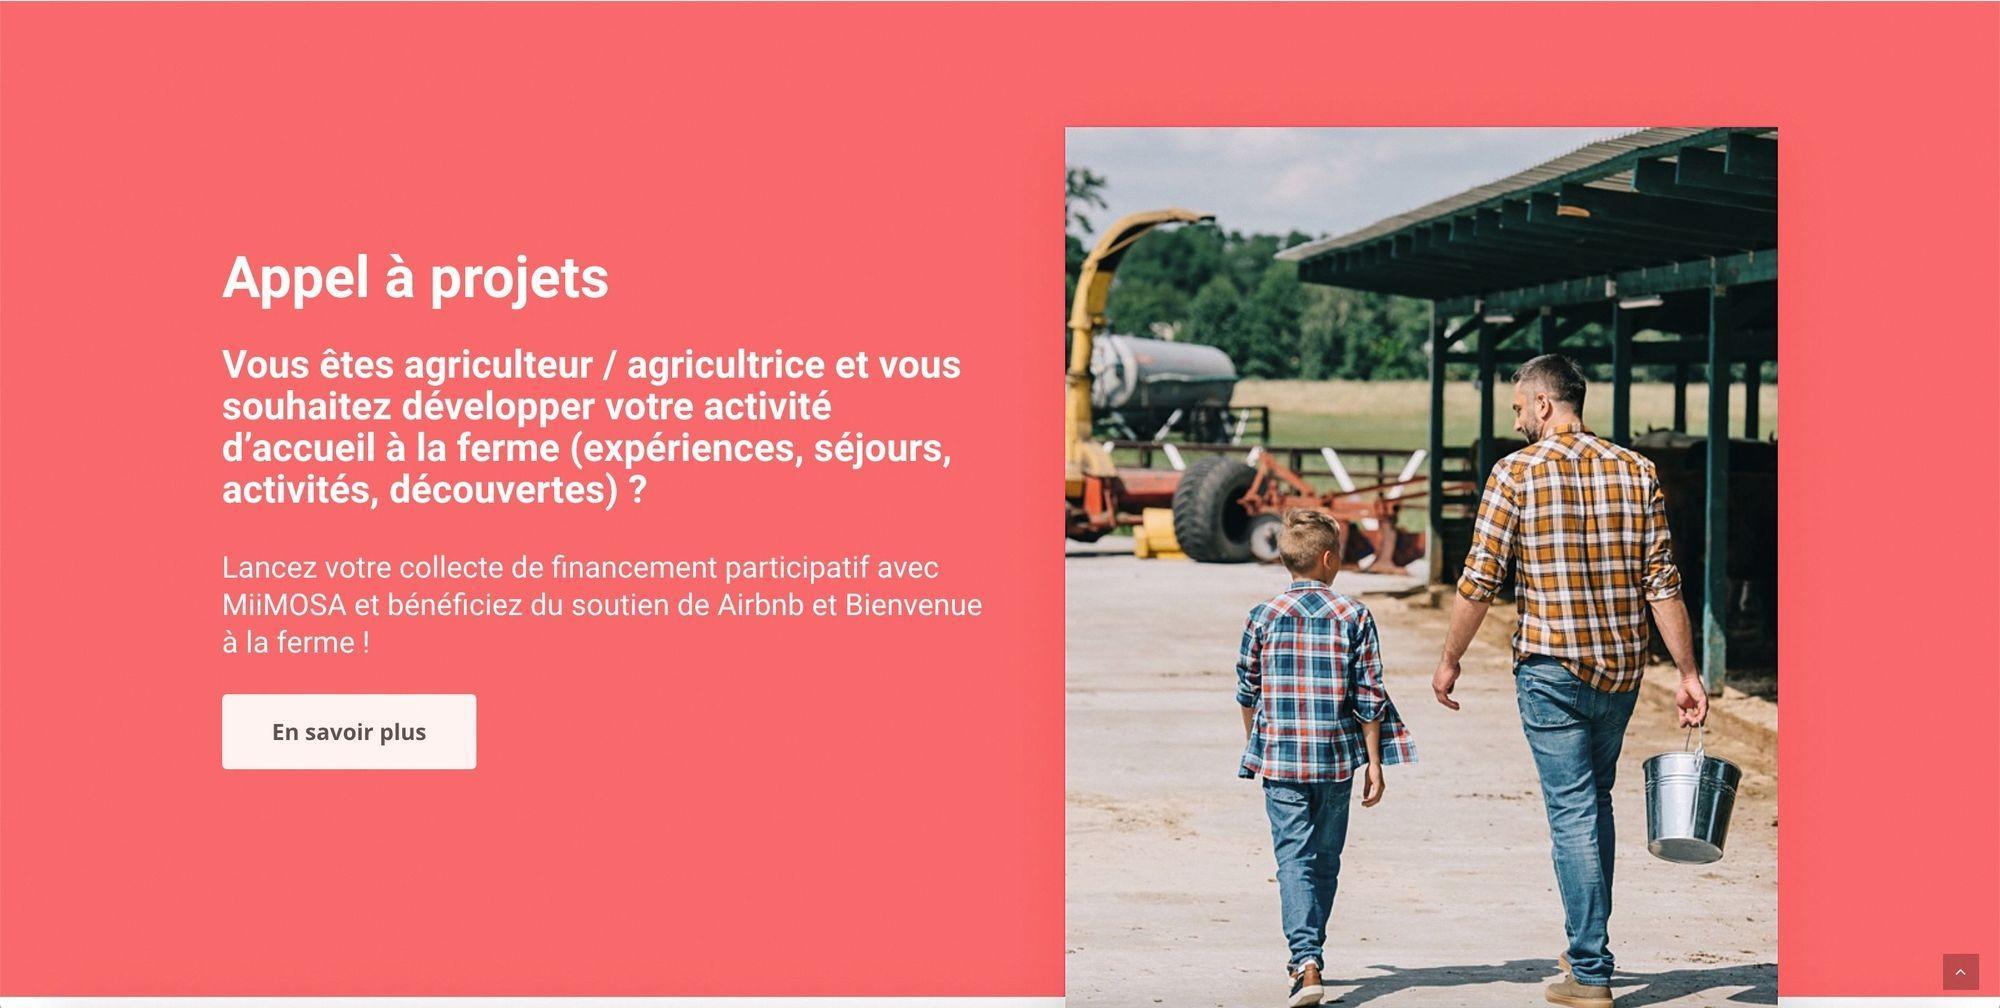 Accueillir à la ferme : de l'activité agricole à l'activité touristique